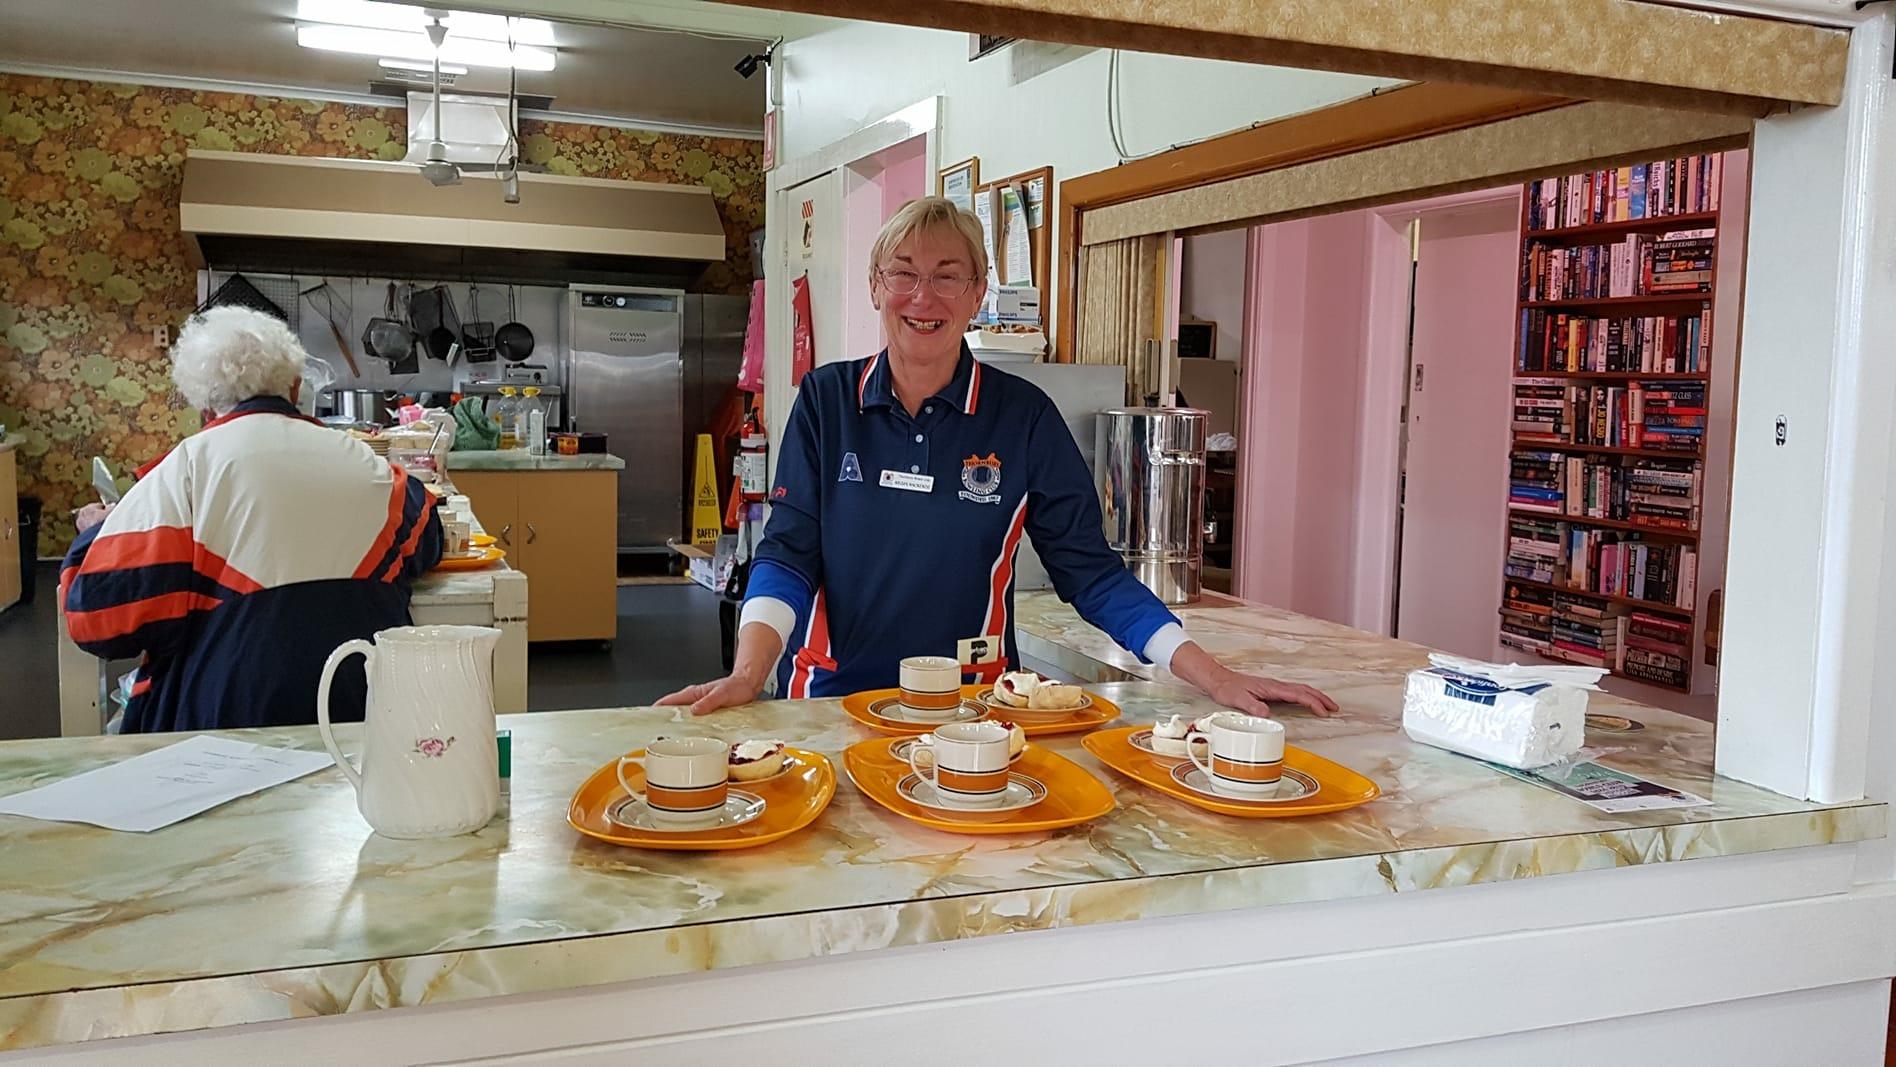 Megan in kitchen.JPG